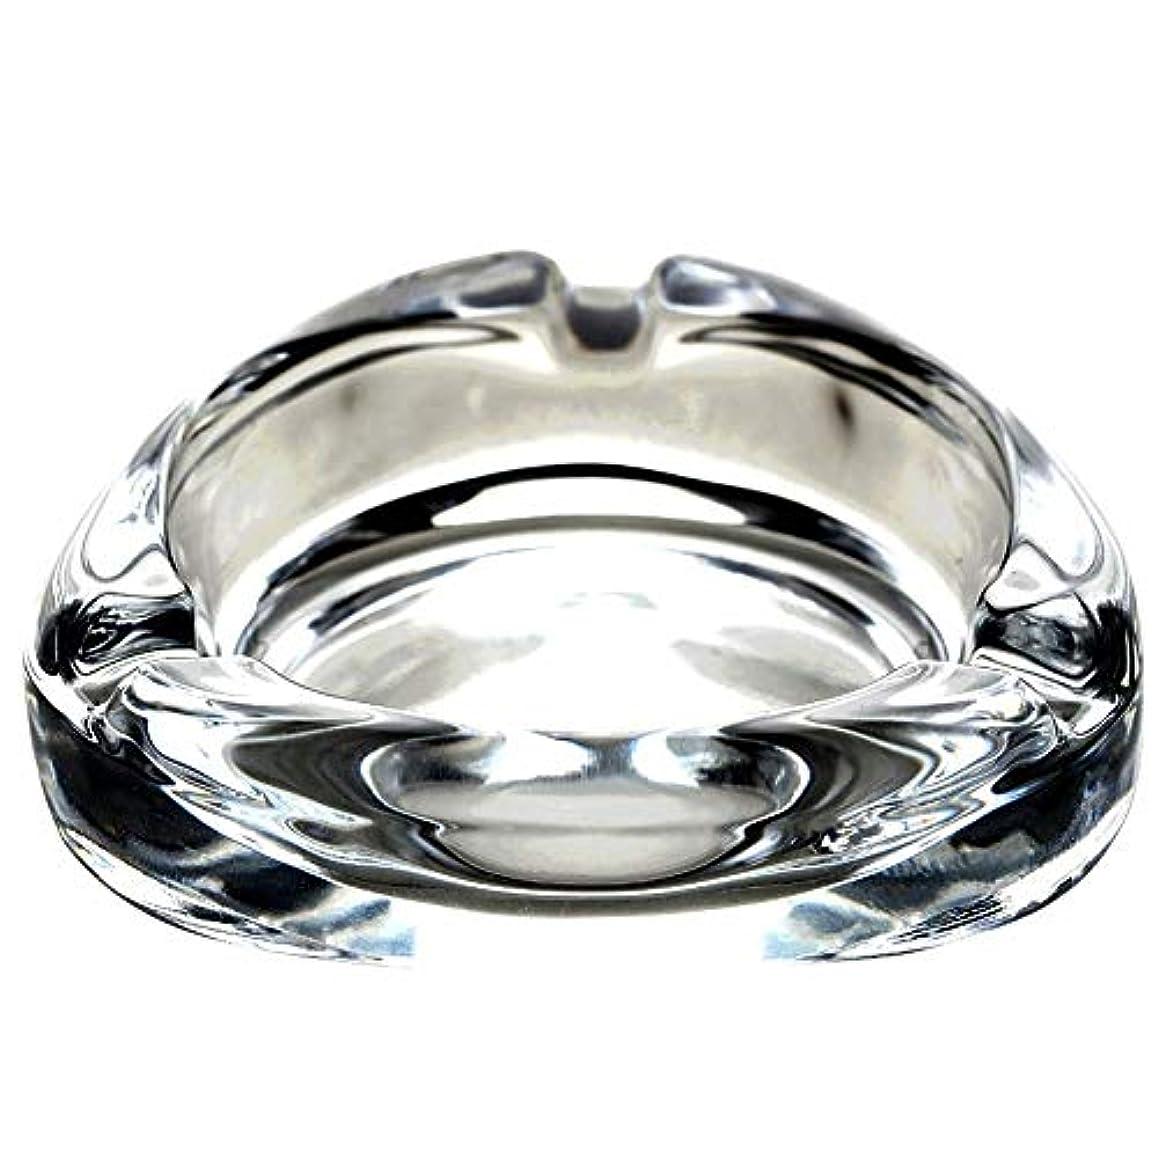 前件歯痛ぶら下がるクリエイティブ鉛フリーガラス灰皿リビングルームシンプルな人格オフィスギフト装飾ホテル透明灰皿、複数のシーンの切り替えに使用できます